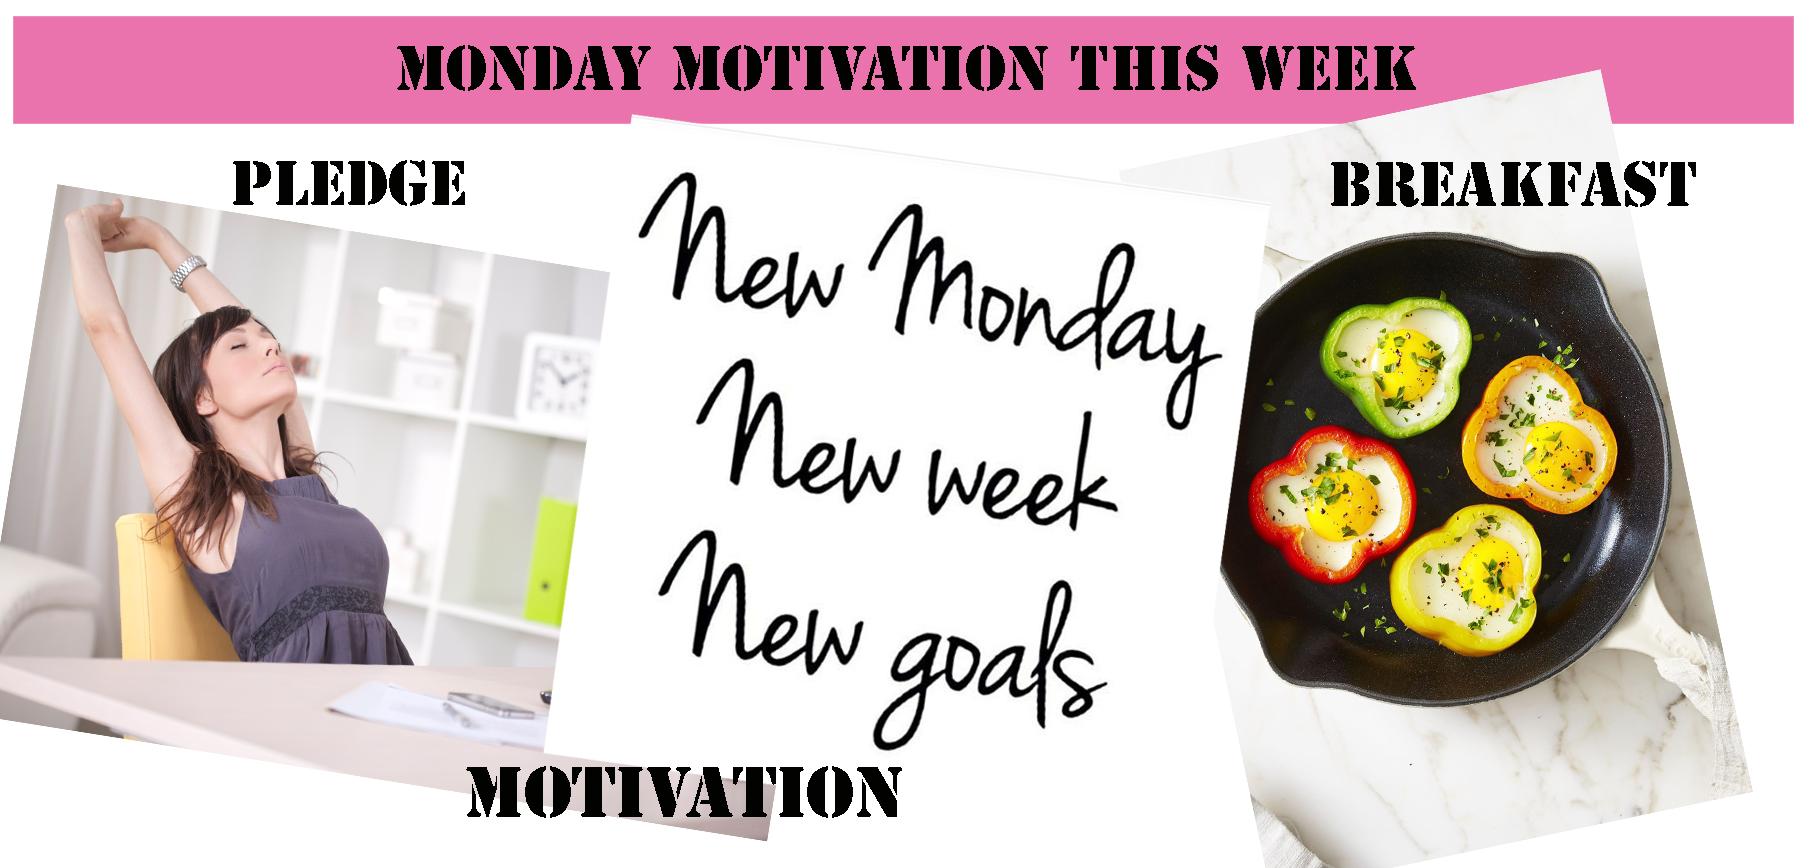 Monday Advice 1/2020